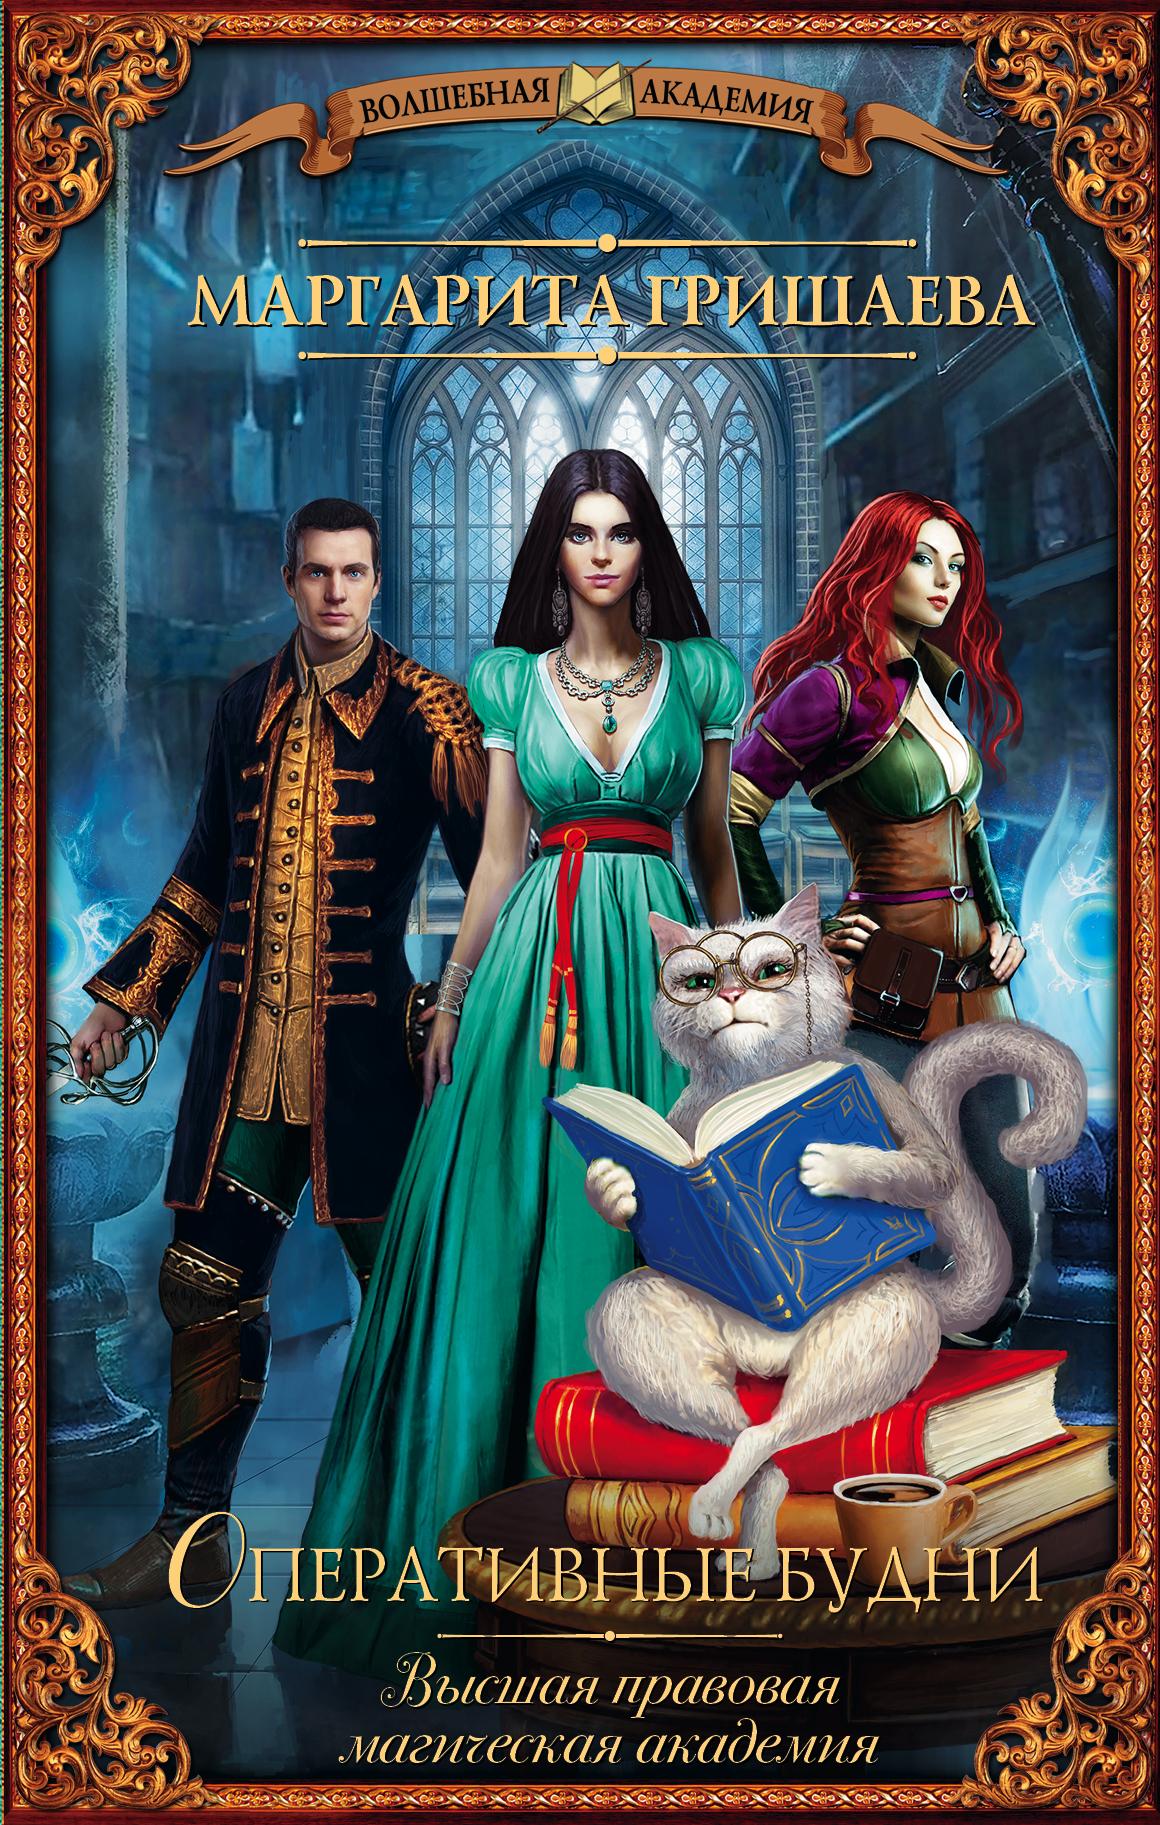 Скачать книги по магии стихий бесплатно